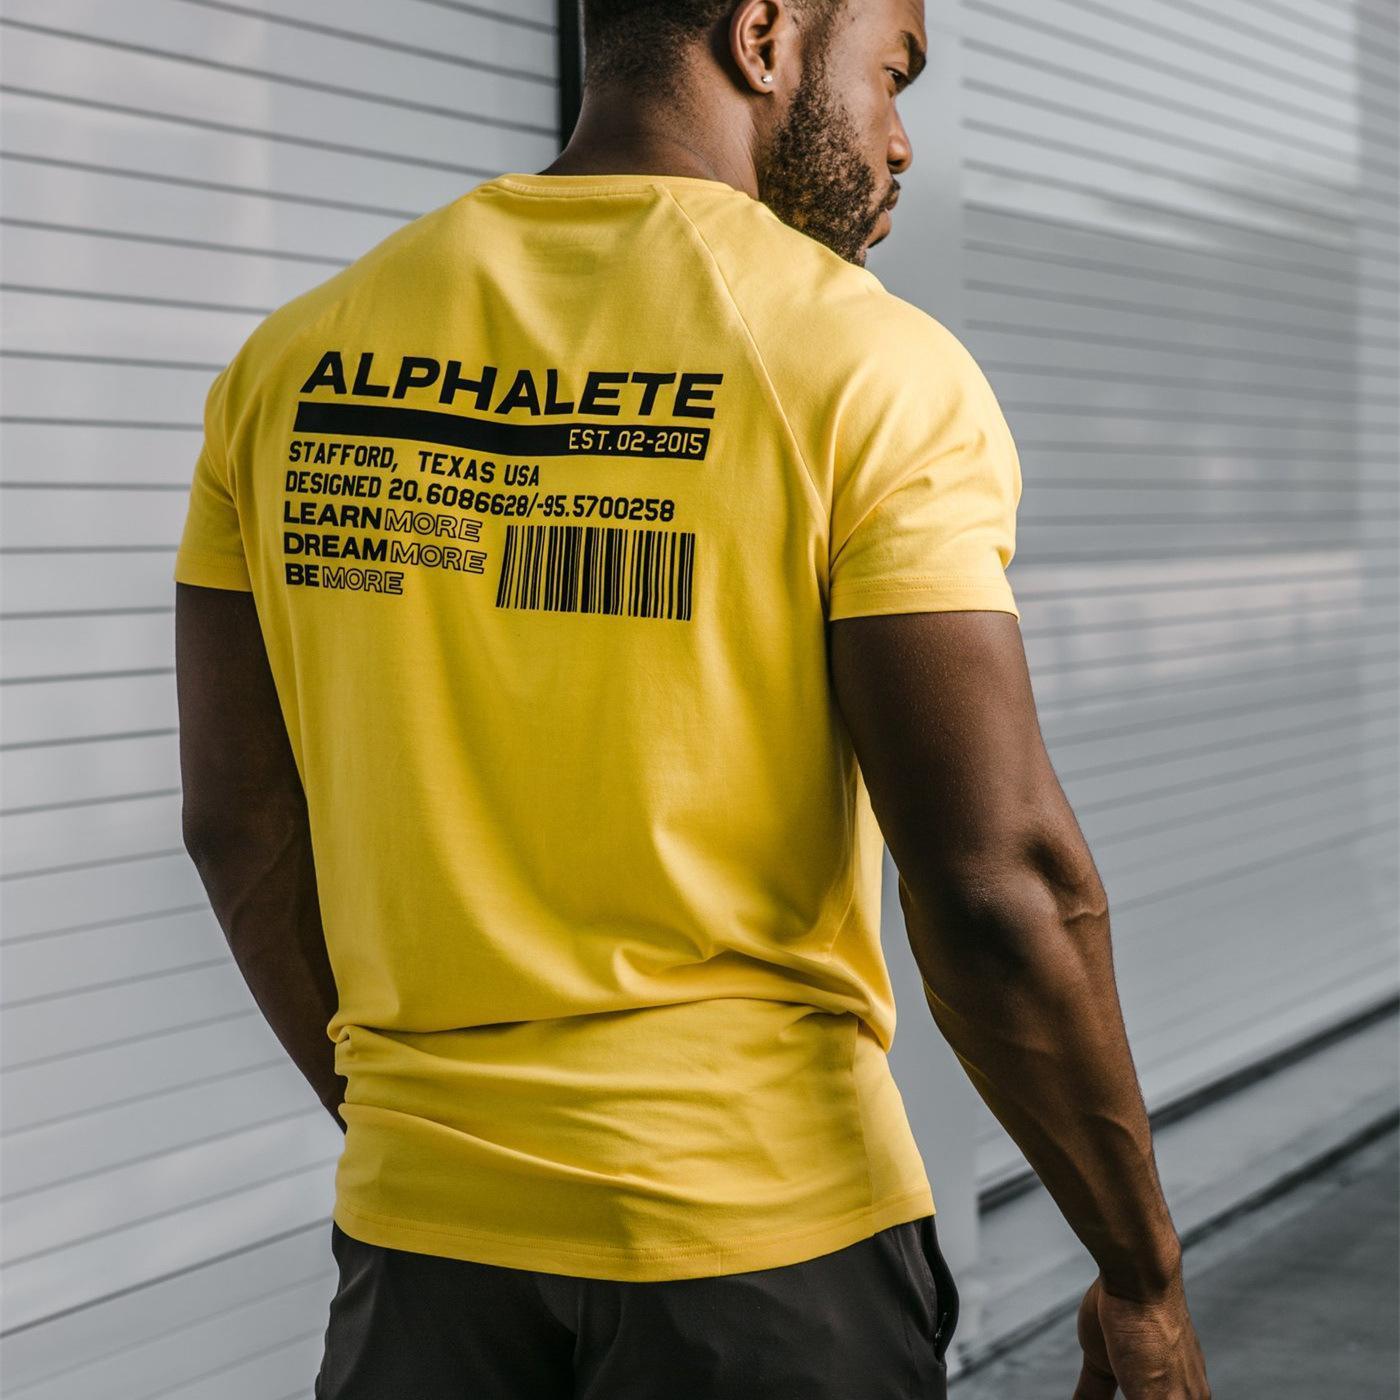 Новый бренд мужской одежды Фитнес Футболка Мужчины Мода 3XL Tshirt лето Спортзалы с коротким рукавом футболки хлопок повседневные топы